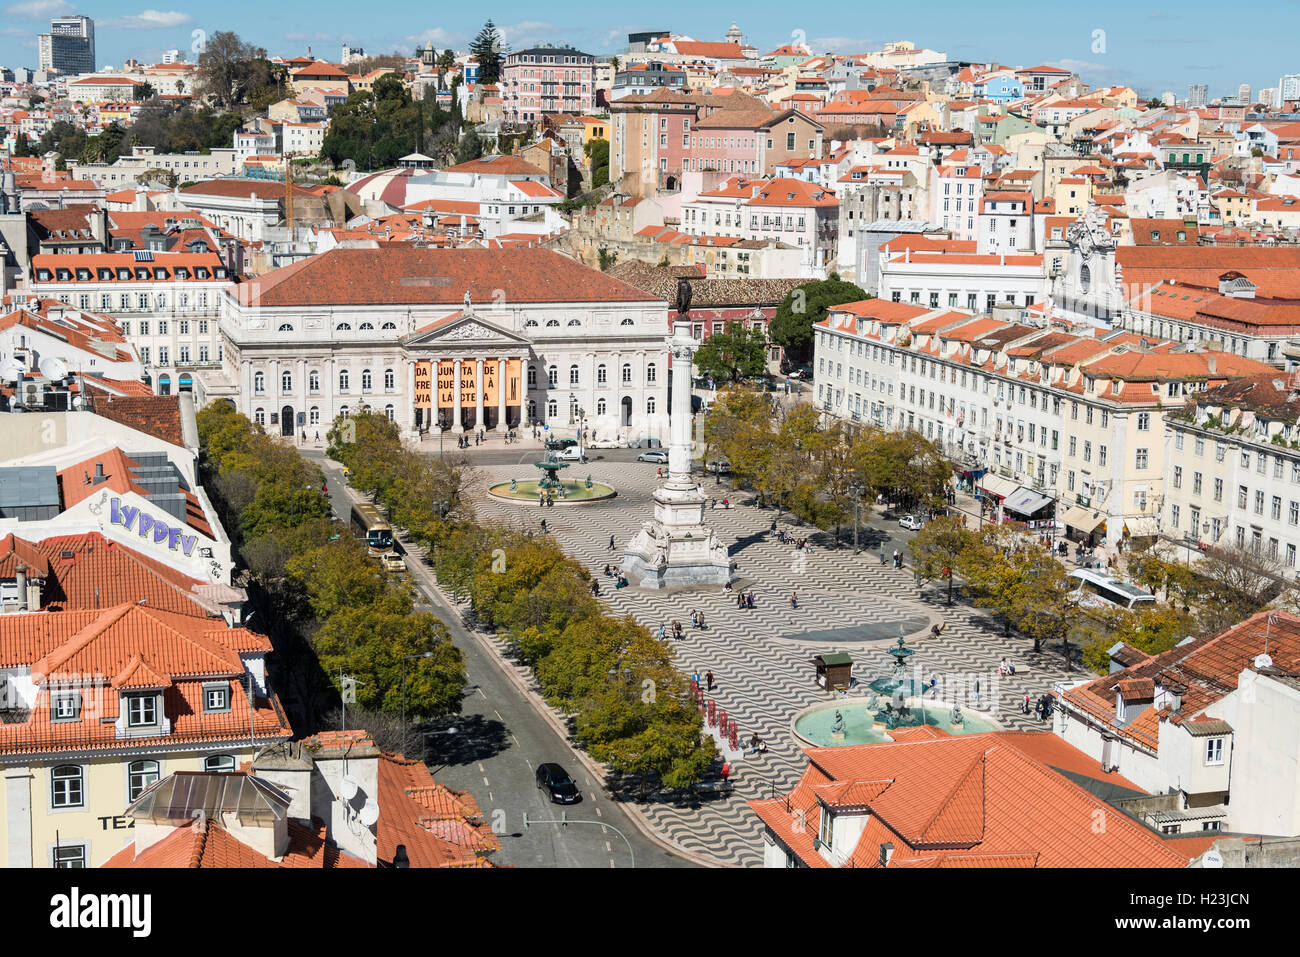 Blick auf die Altstadt, die Statue von König Pedro IV in Rossio Platz, Nationaltheater, Baixa, Lissabon, Portugal Stockbild